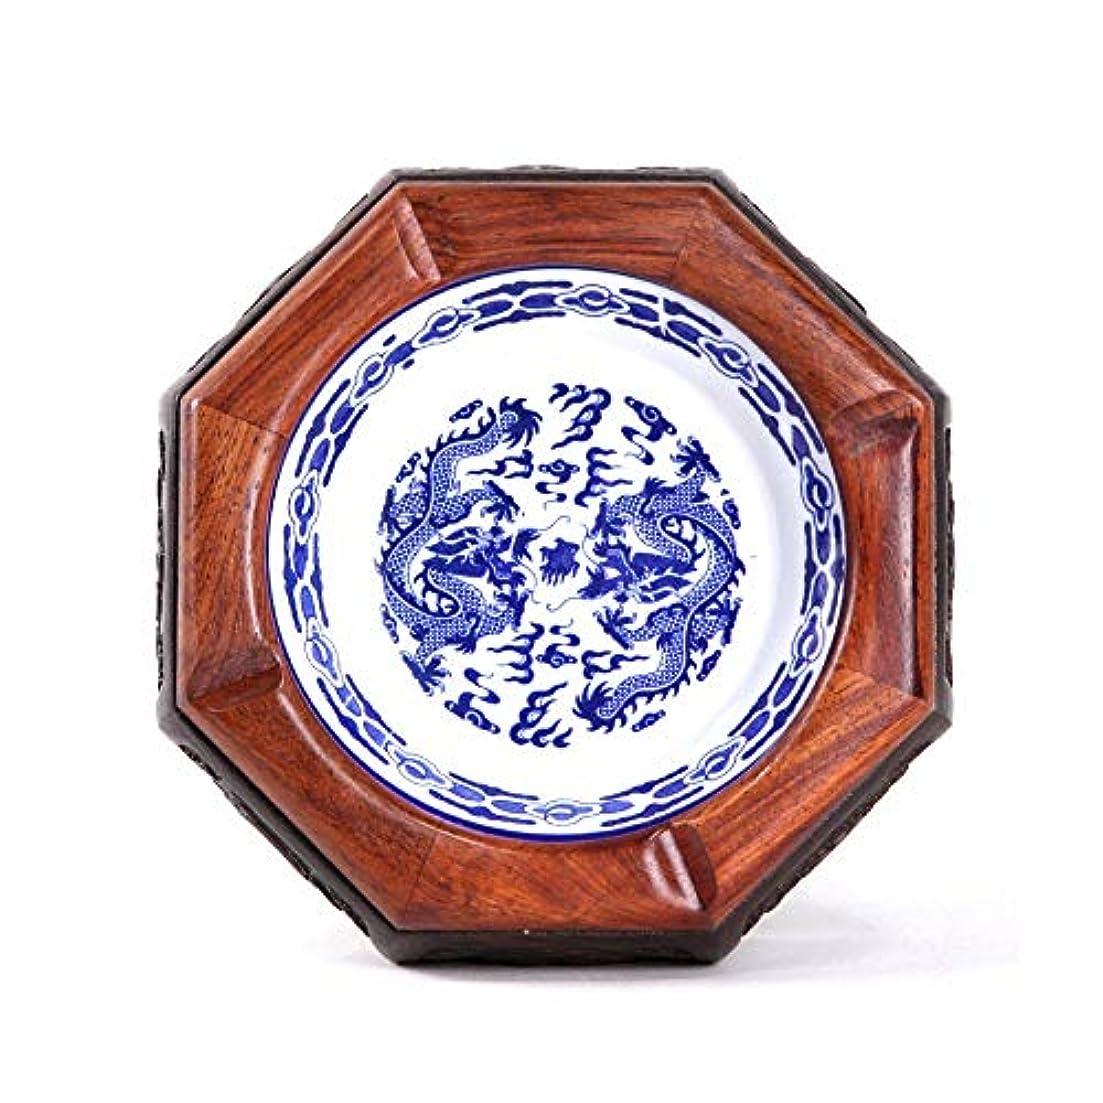 フォアマンうぬぼれた罪人オフィスの居間の灰皿、中国のレトロな陶磁器並ぶ木製の灰皿、家の屋内と屋外の庭のエレガントな灰皿 (色 : L)